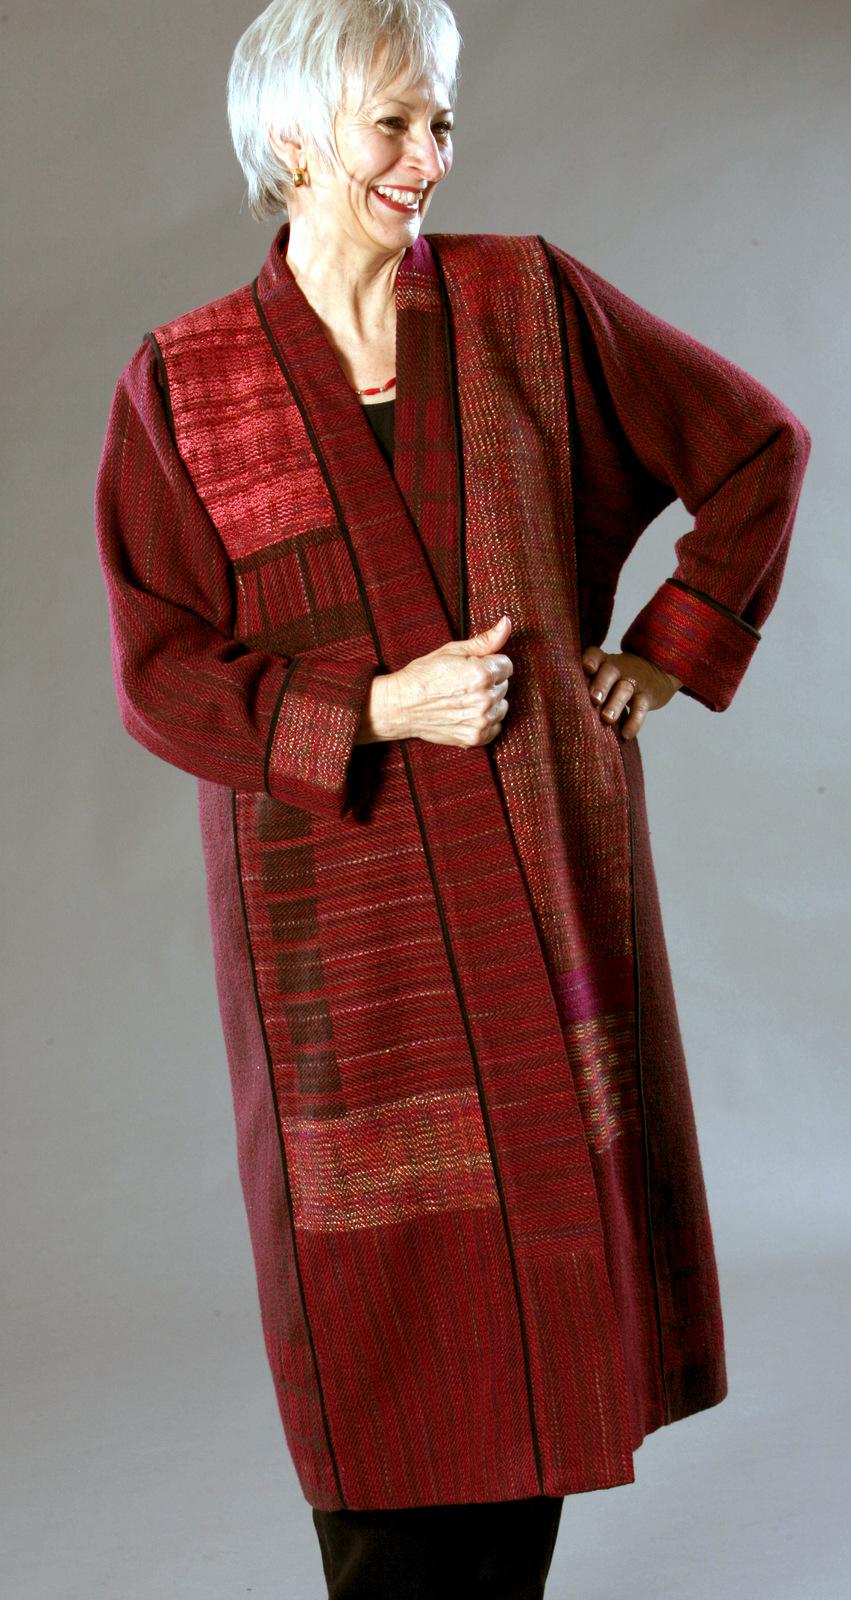 Liz Spear Handwoven, Wearable Art, Art-To-Wear-035.jpg